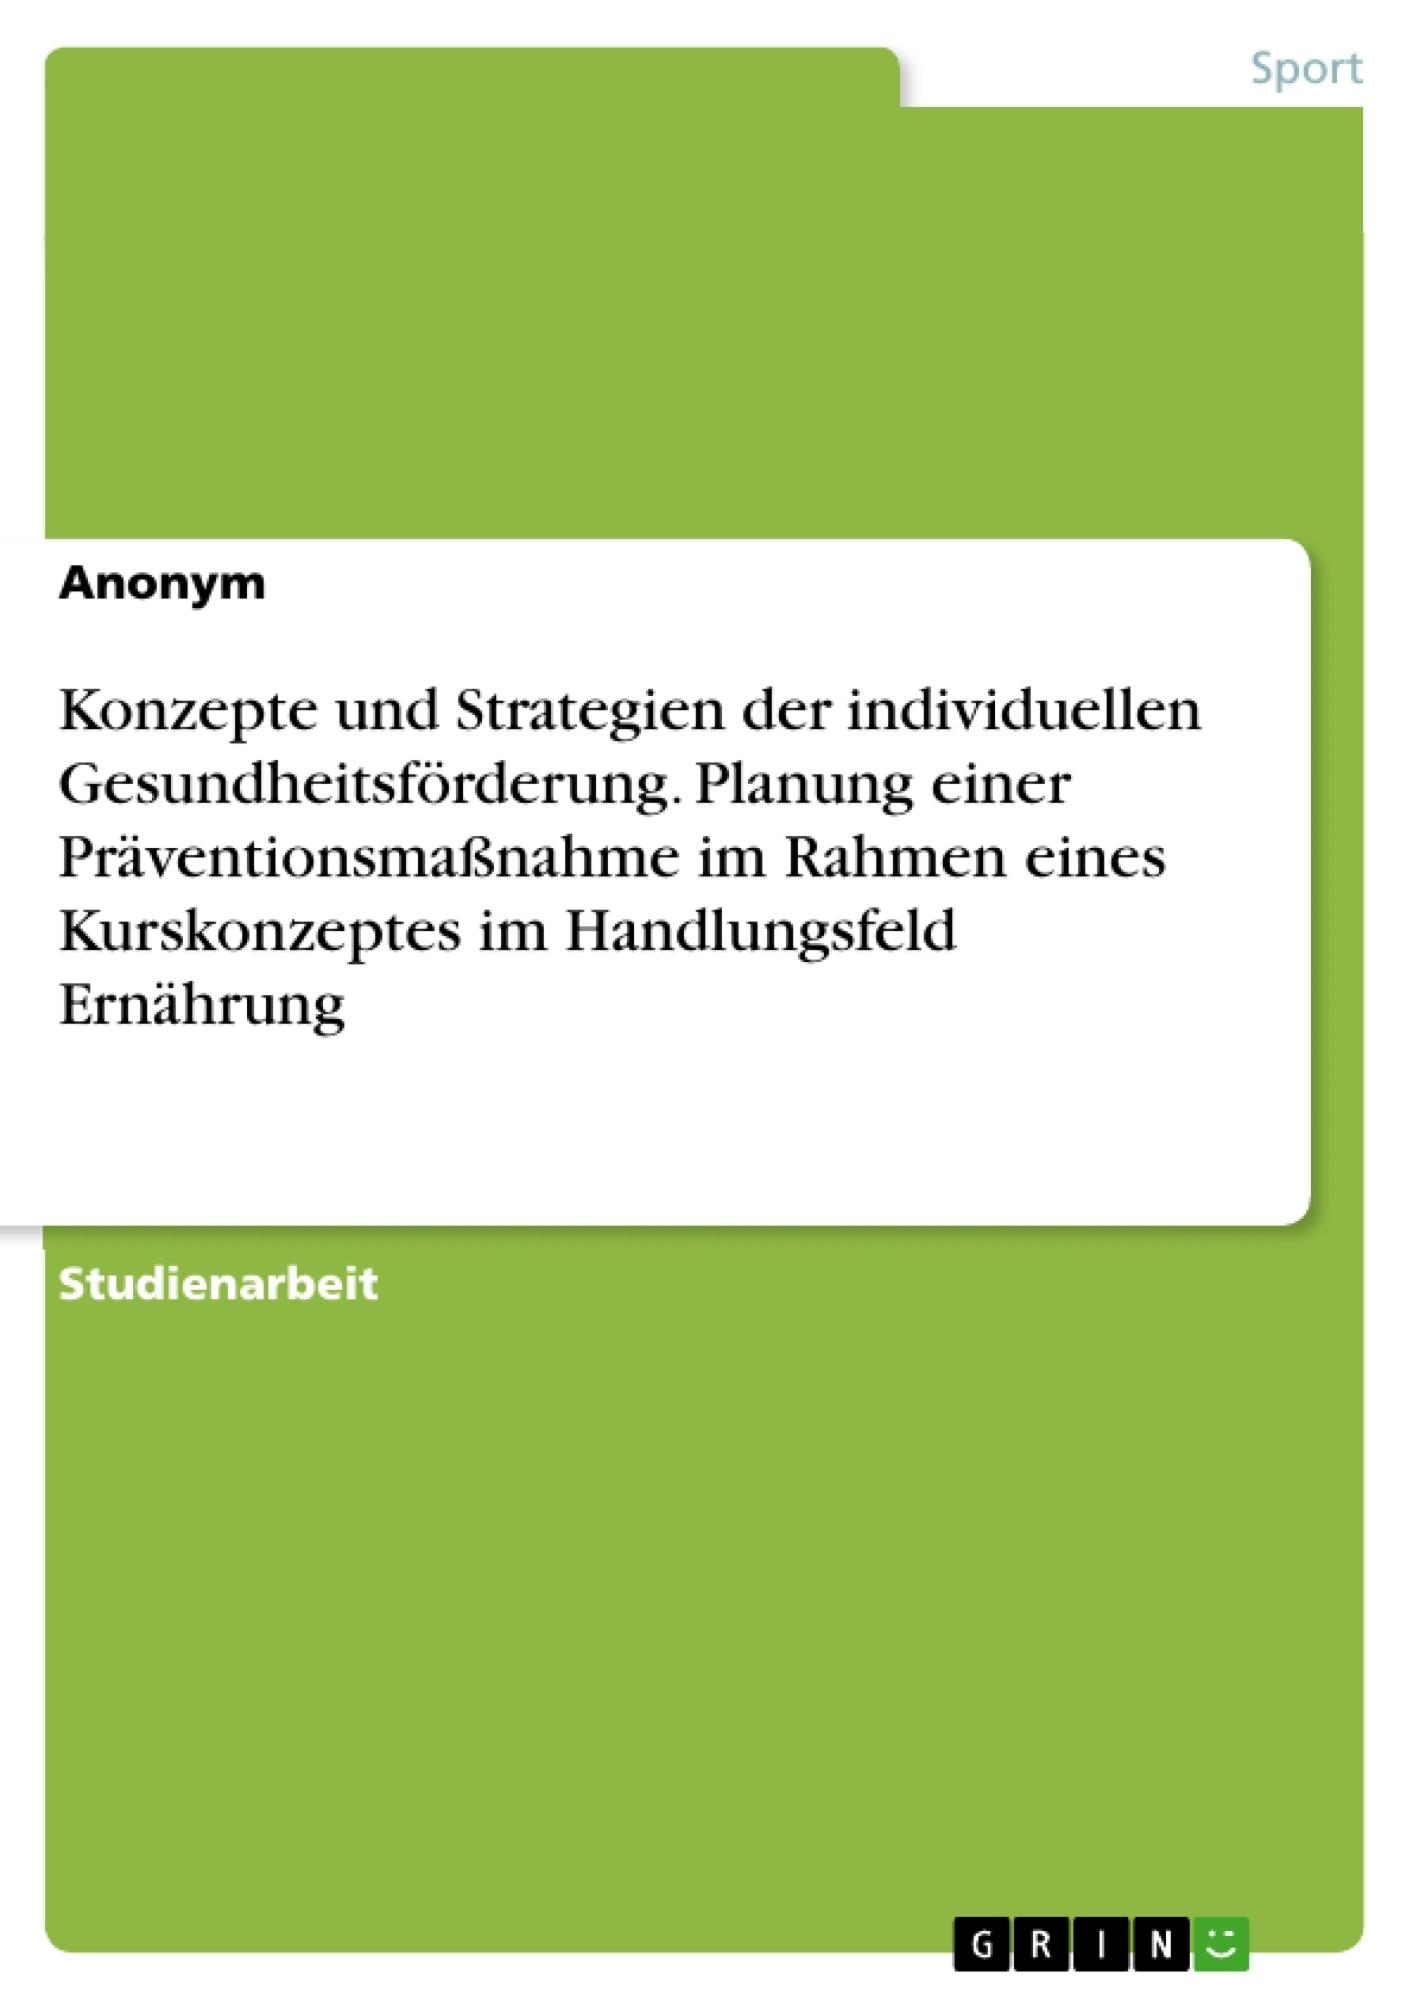 Titel: Konzepte und Strategien der individuellen Gesundheitsförderung. Planung einer Präventionsmaßnahme im Rahmen eines Kurskonzeptes im Handlungsfeld Ernährung